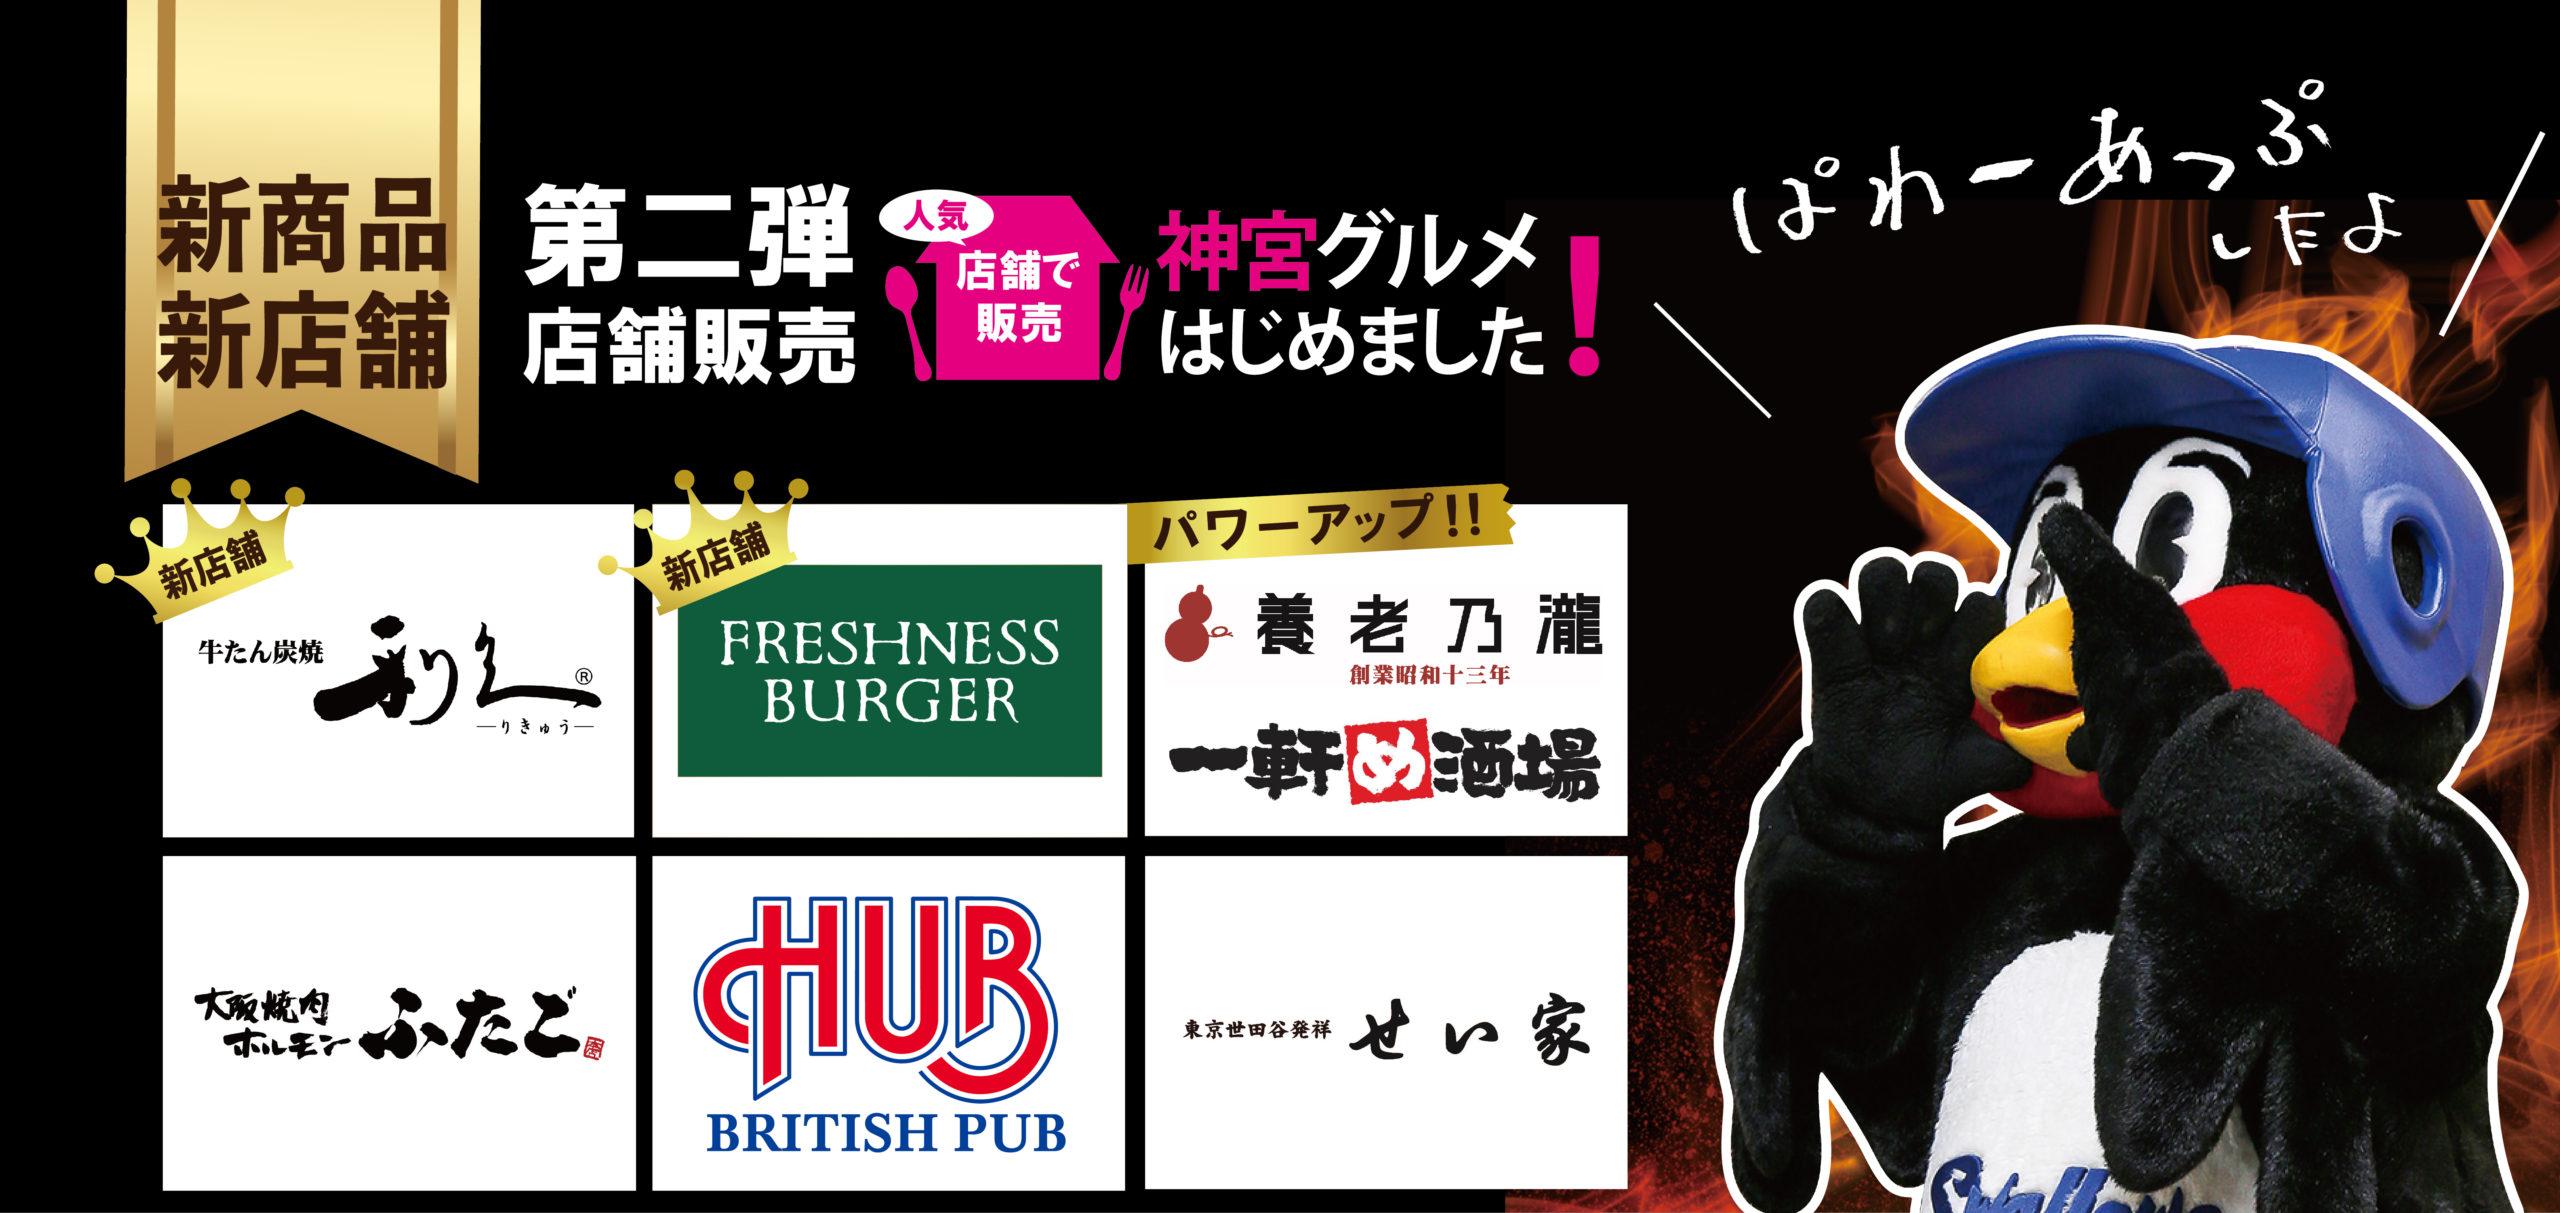 (終了したイベント)店舗・メニューが増えてパワーアップ!!第二弾『神宮球場グルメ』が人気店舗で食べられる!